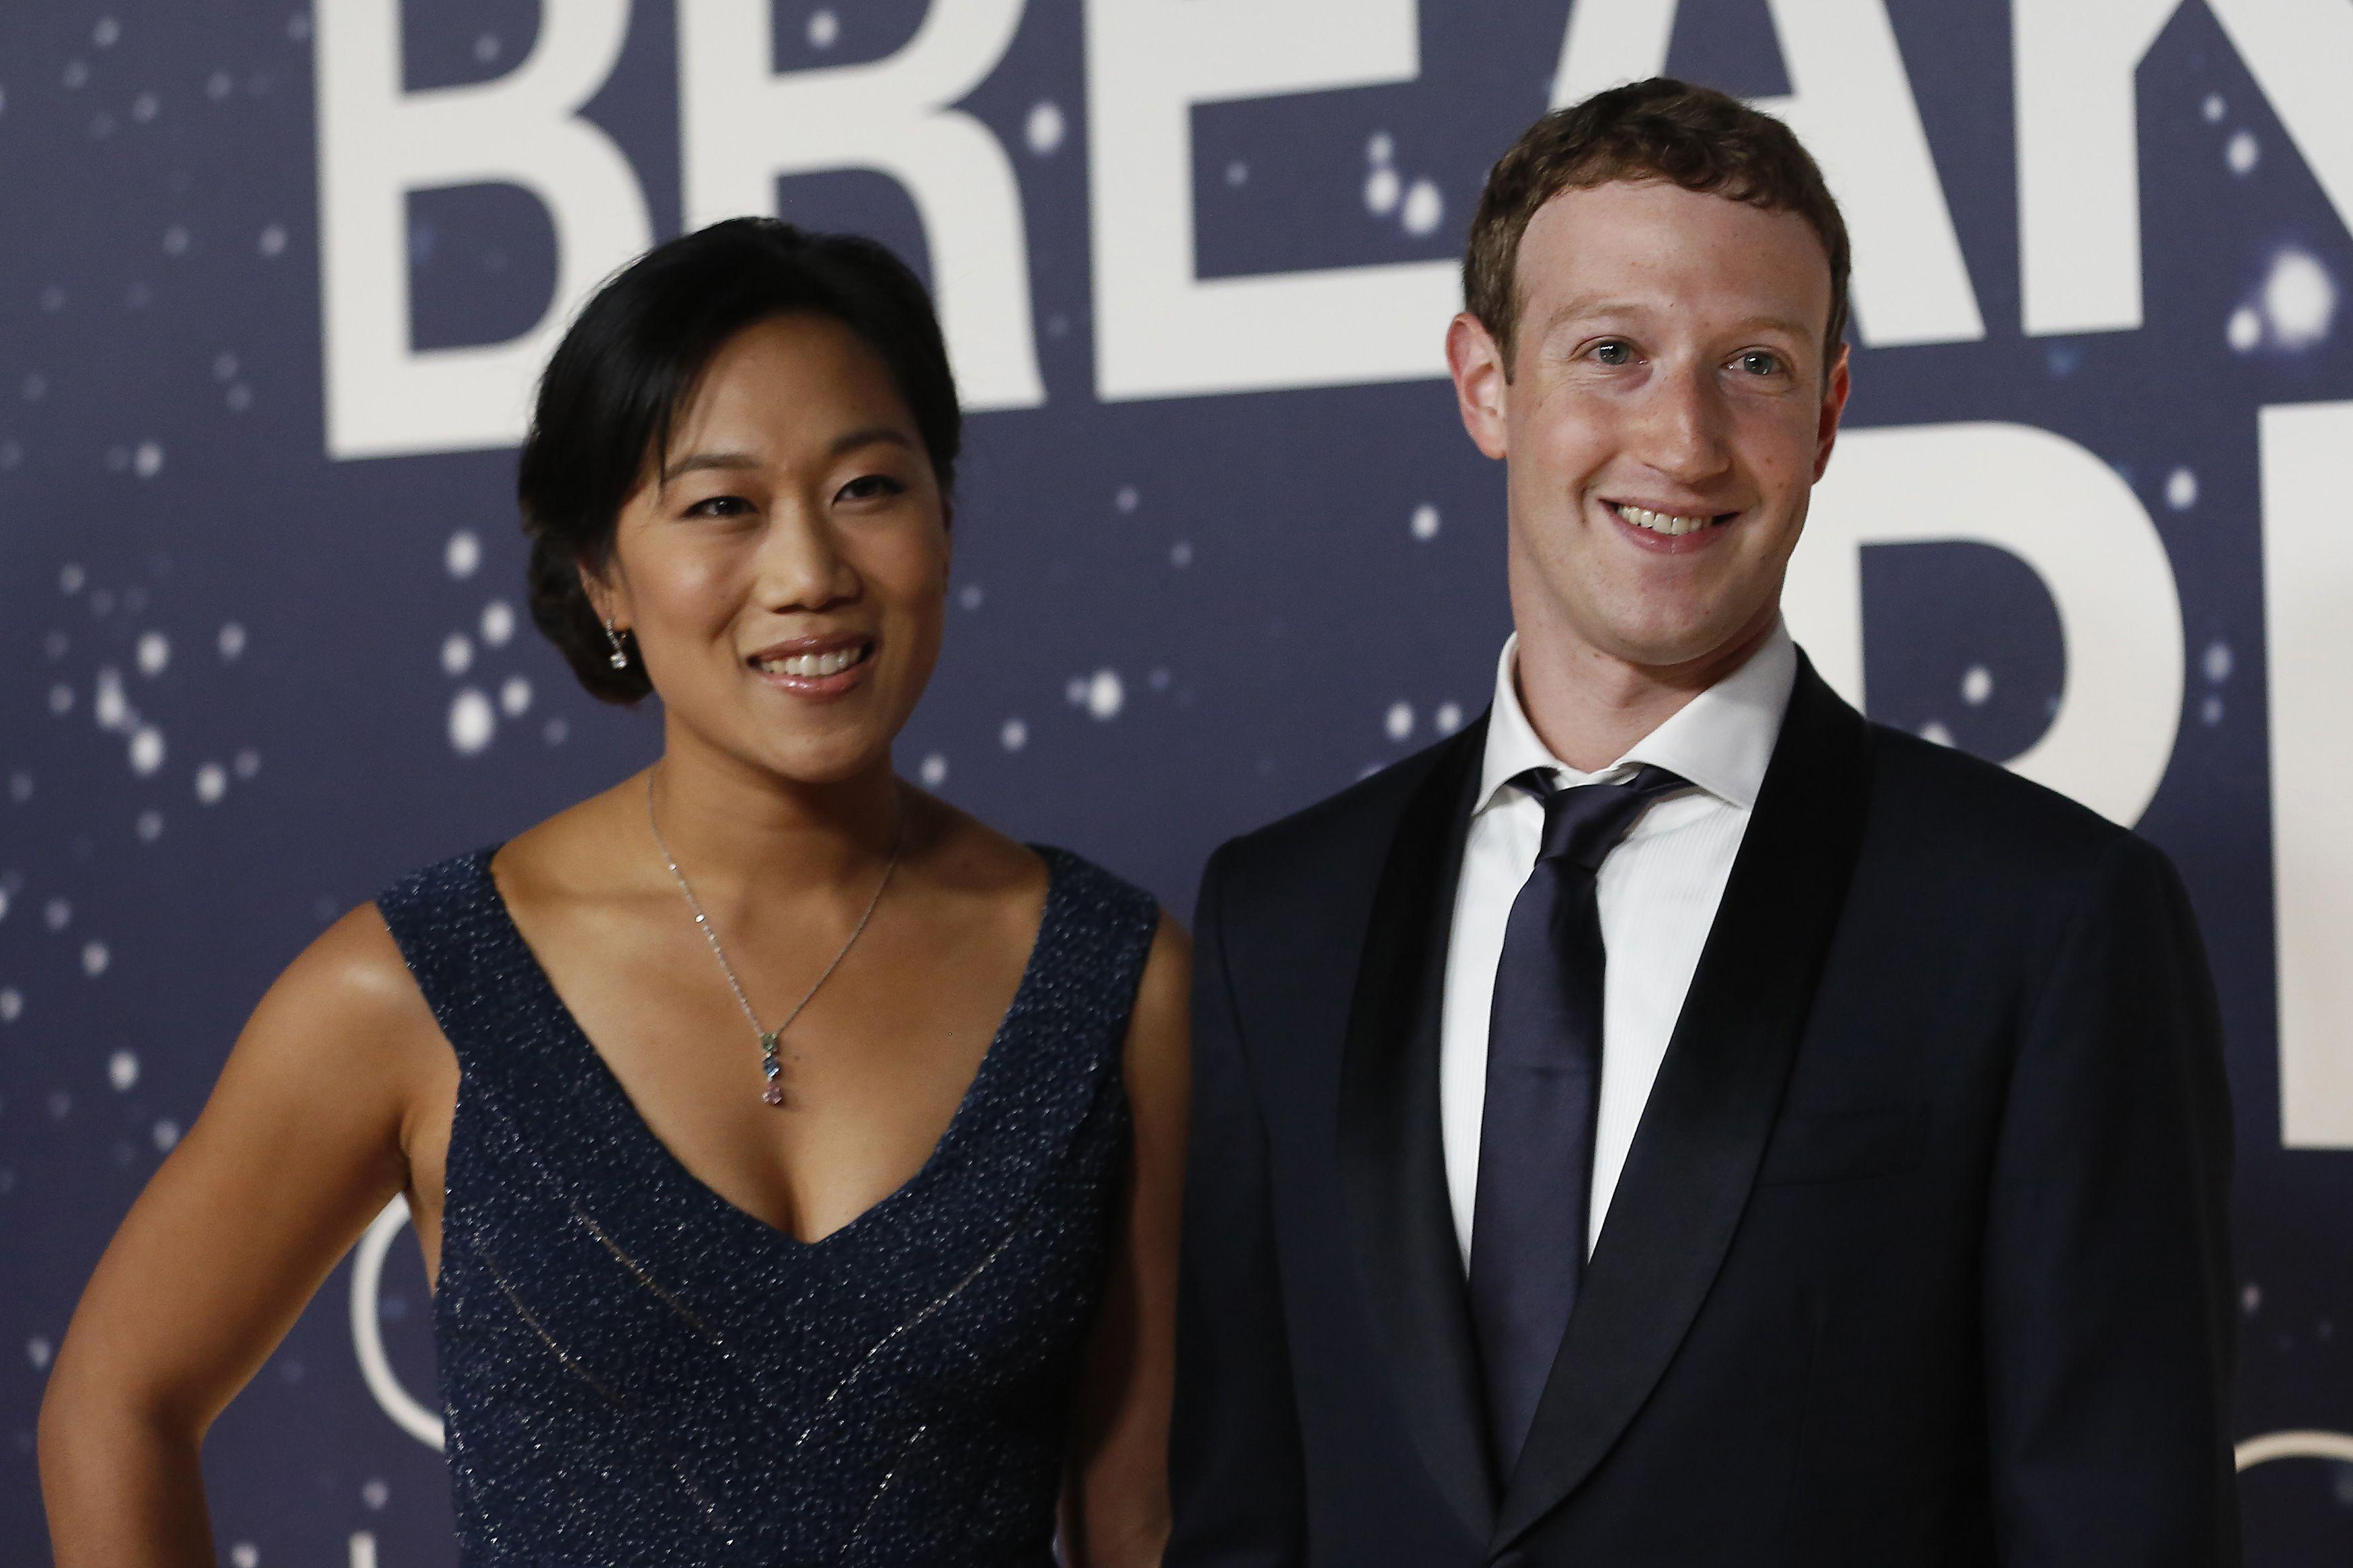 Цукерберг и Чан выделили 50 миллионов долларов на рискованные идеи в биологии и медицине